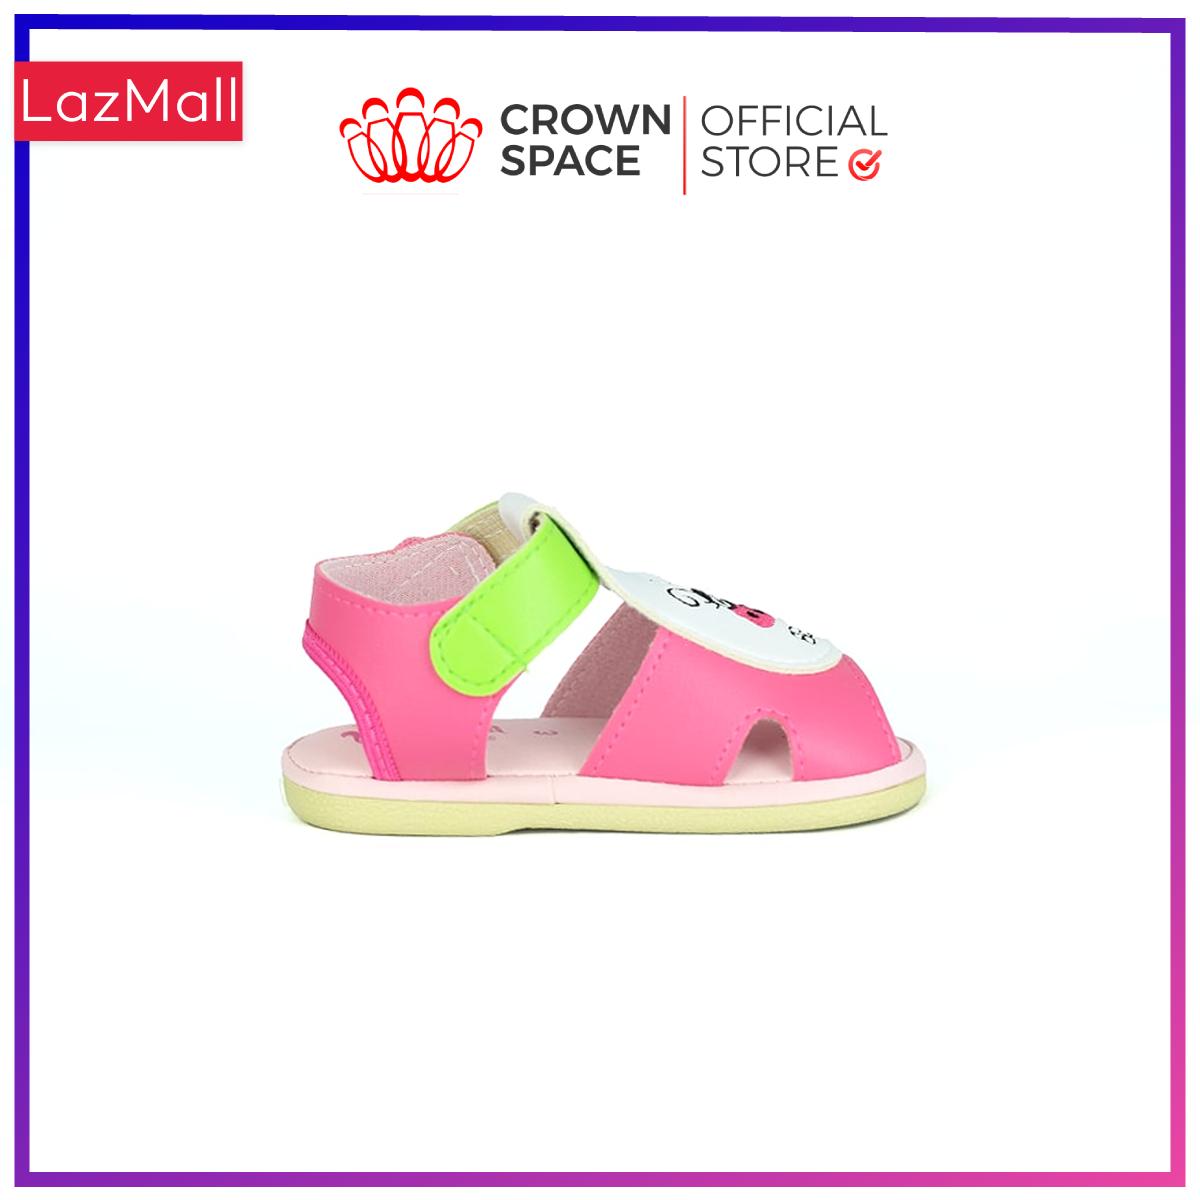 Xăng Đan Tập Đi Bé Trai Bé Gái Đẹp Crown UK Royale Baby Walking Sandals Trẻ em Cao Cấp 021484 Nhẹ Êm Size 3-6/1-3 Tuổi